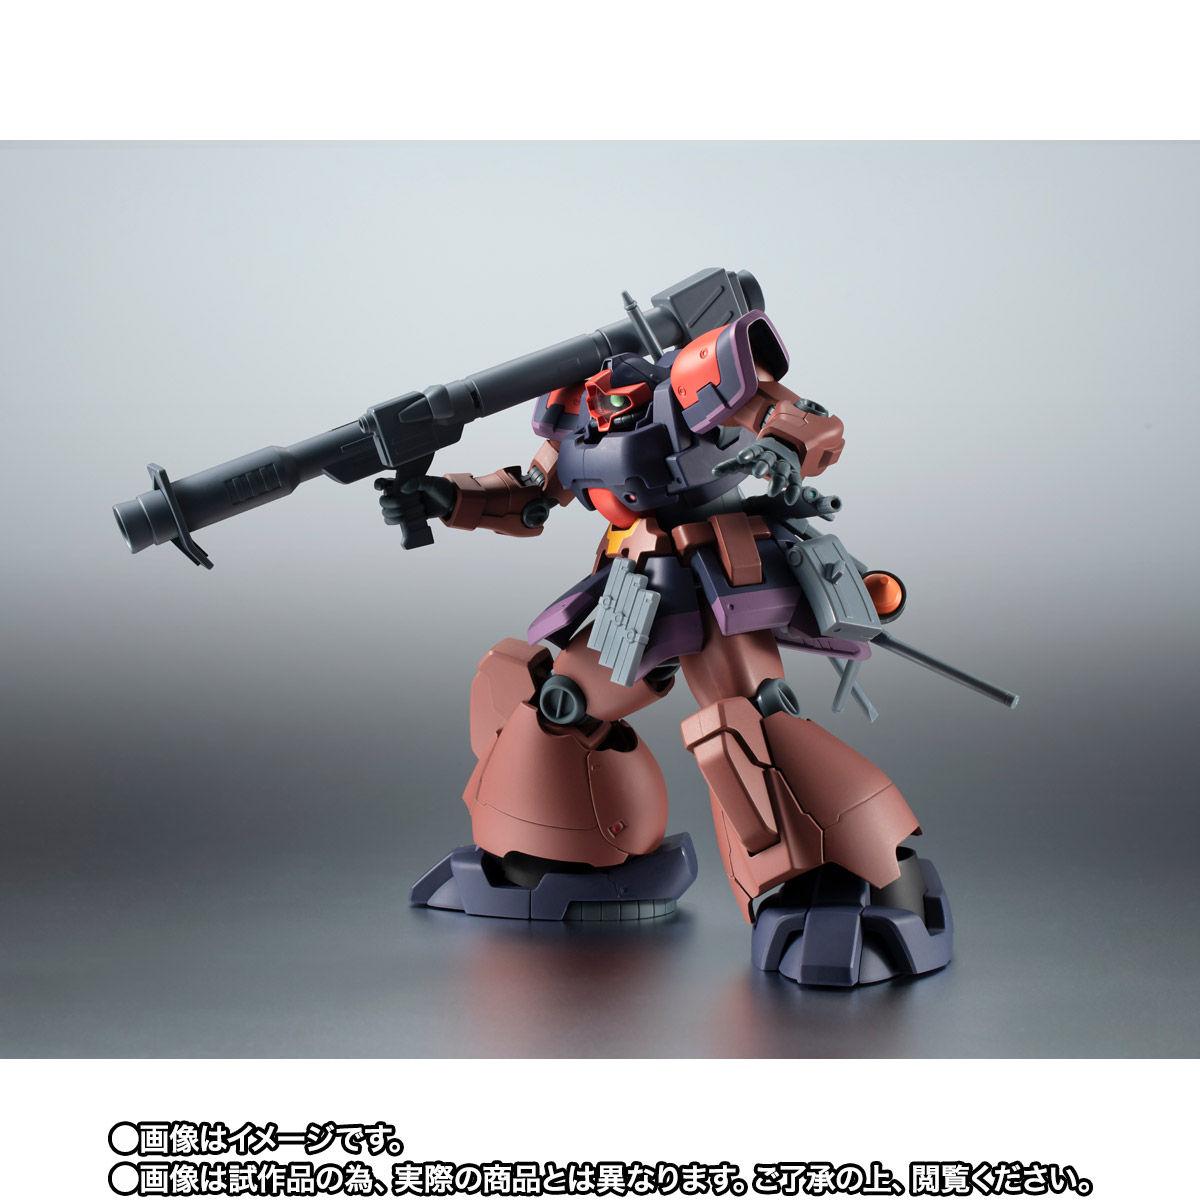 【限定販売】ROBOT魂〈SIDE MS〉『YMS-09R-2 プロトタイプ・リック・ドムII ver. A.N.I.M.E.』ガンダム0083 可動フィギュア-007